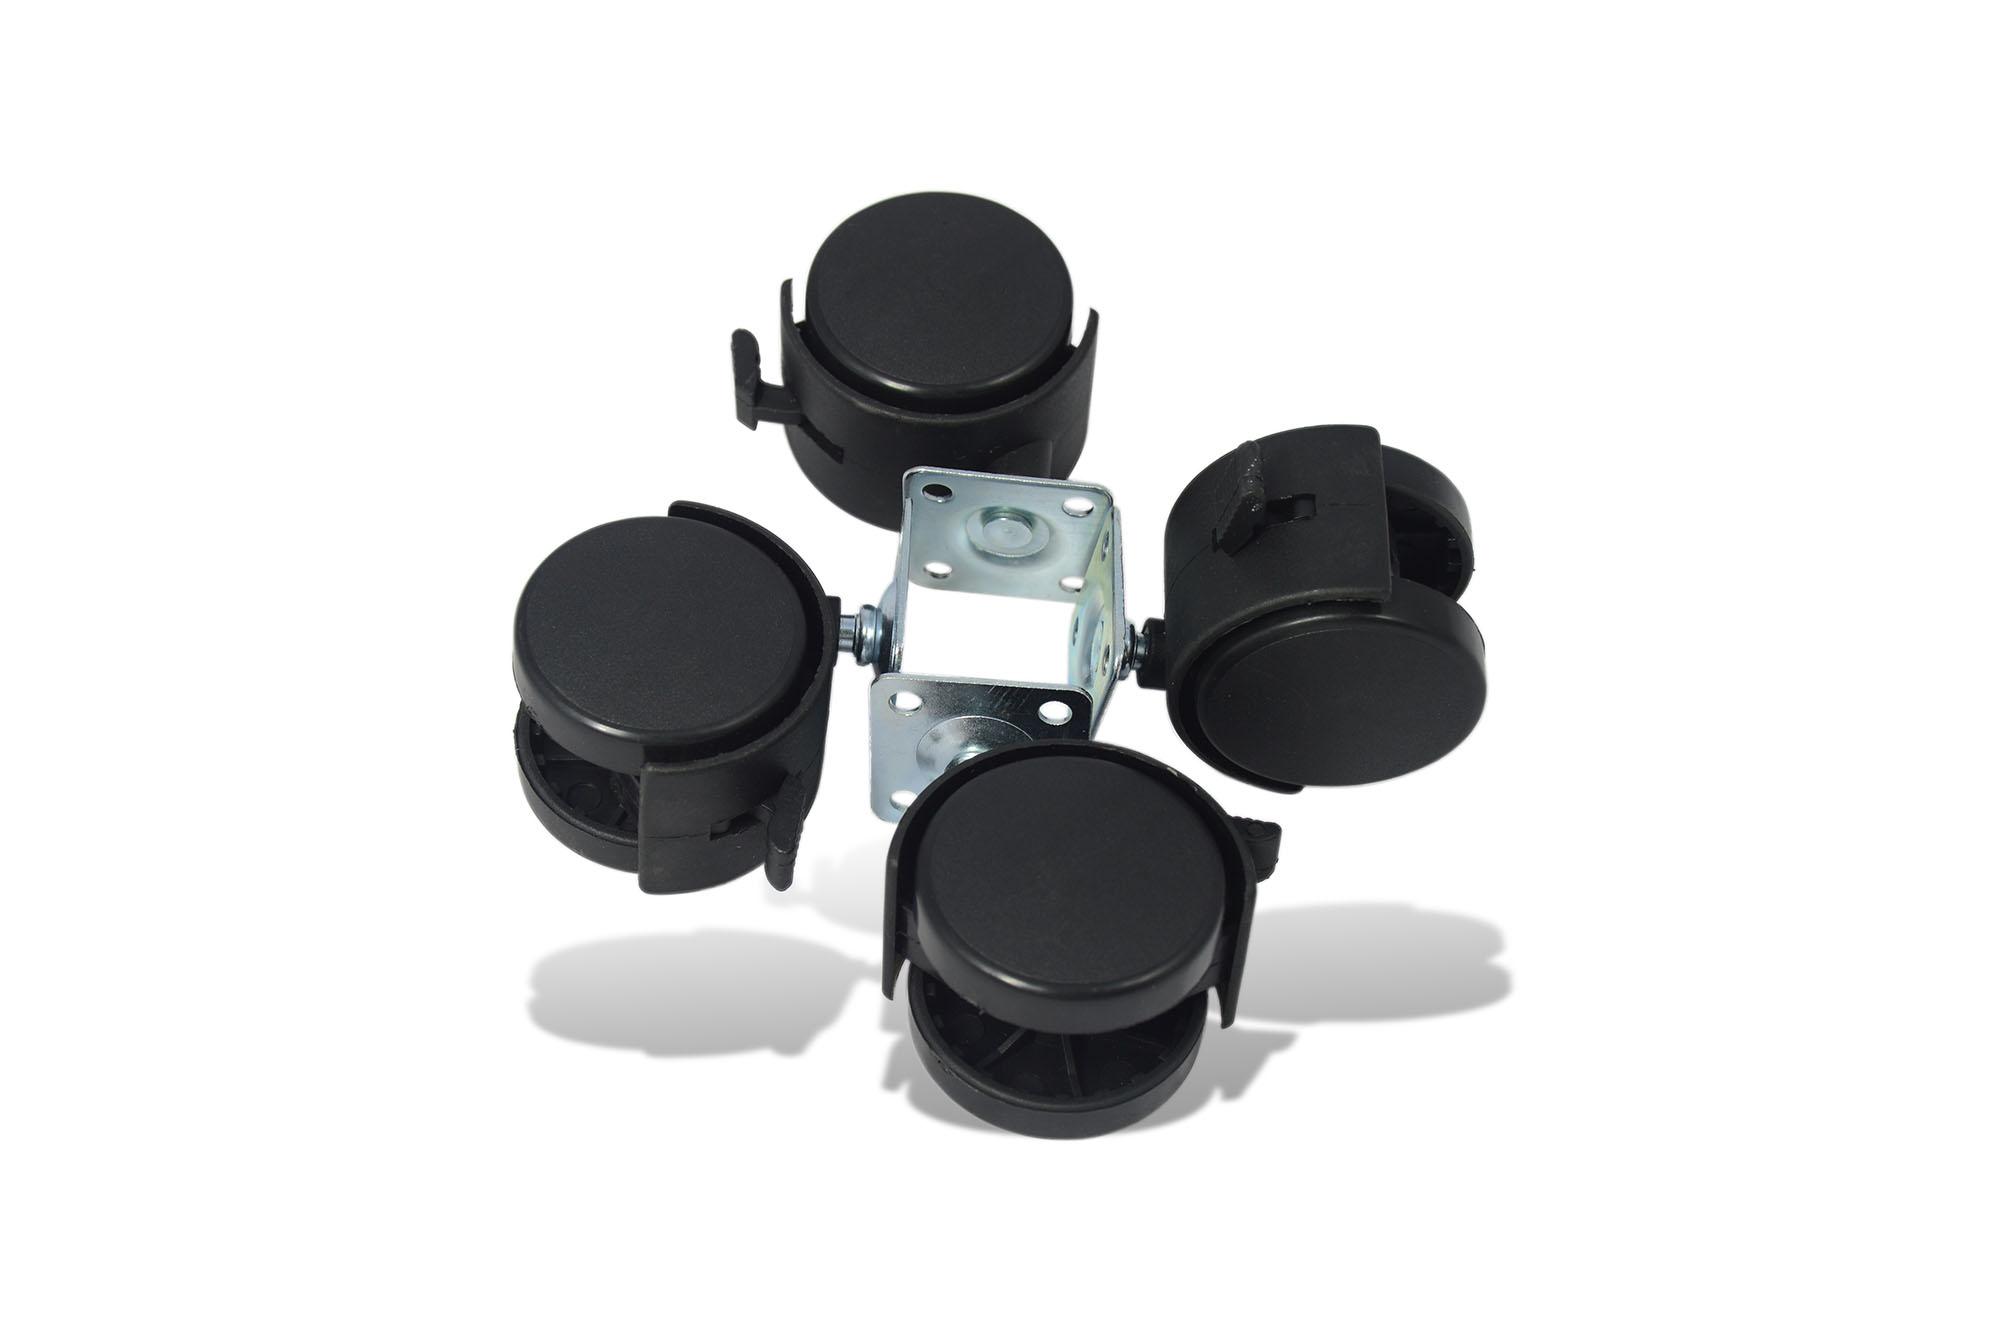 4x m belrollen mit platte bremse r der lenkrolle bockrollen laufrollen 50mm ebay. Black Bedroom Furniture Sets. Home Design Ideas